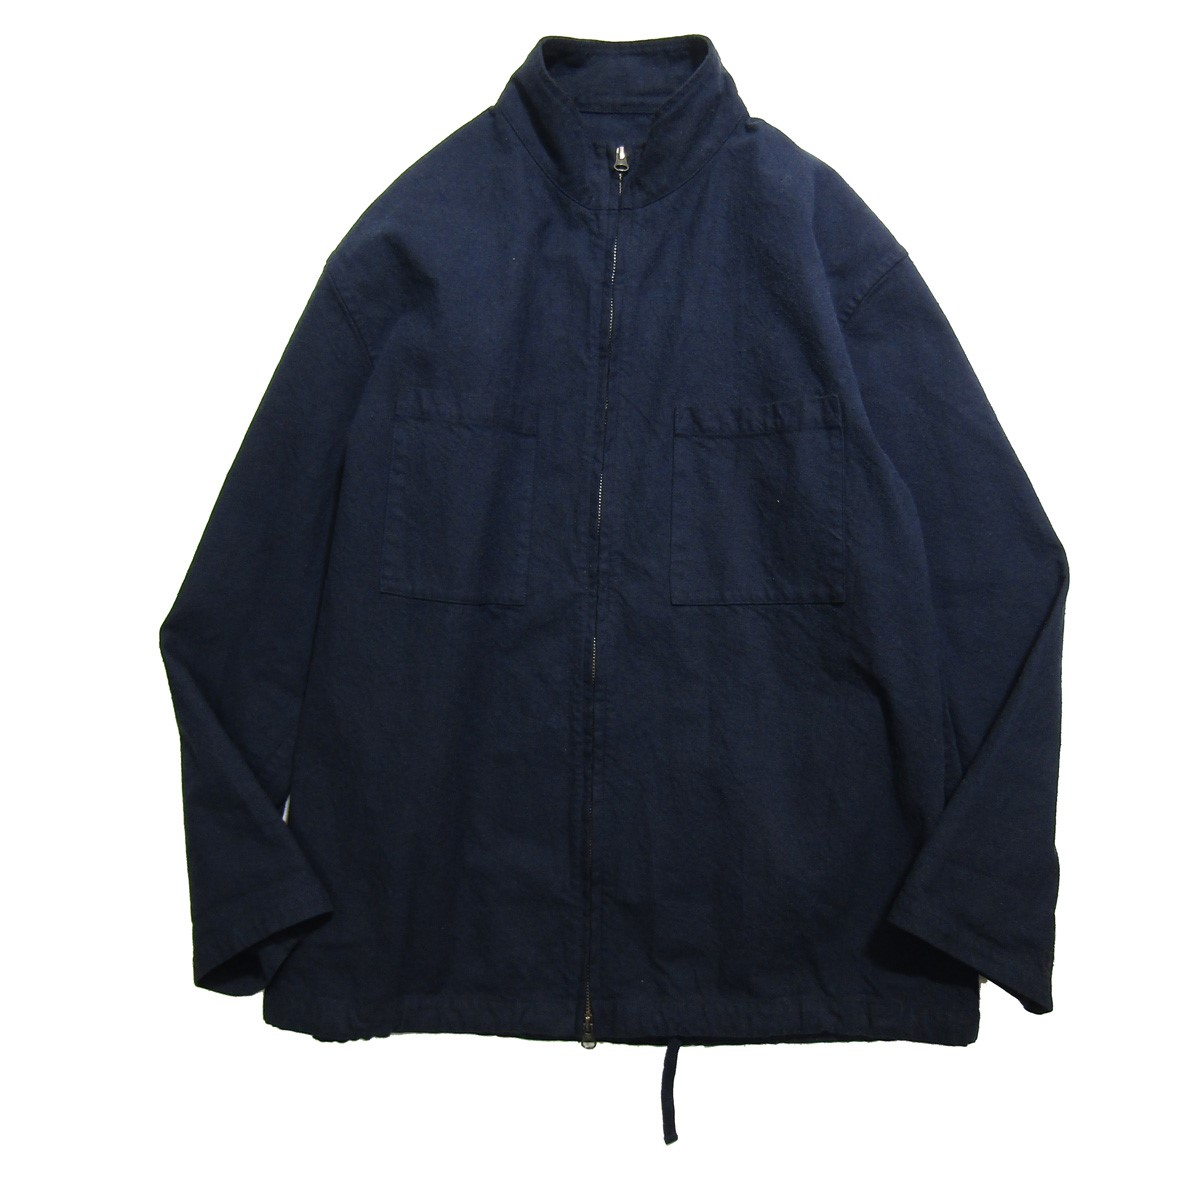 【中古】nestrobe confect 2020SS コットンシルクネップジップシャツ ネイビー サイズ:4 【240320】(ネストローブコンフェクト)